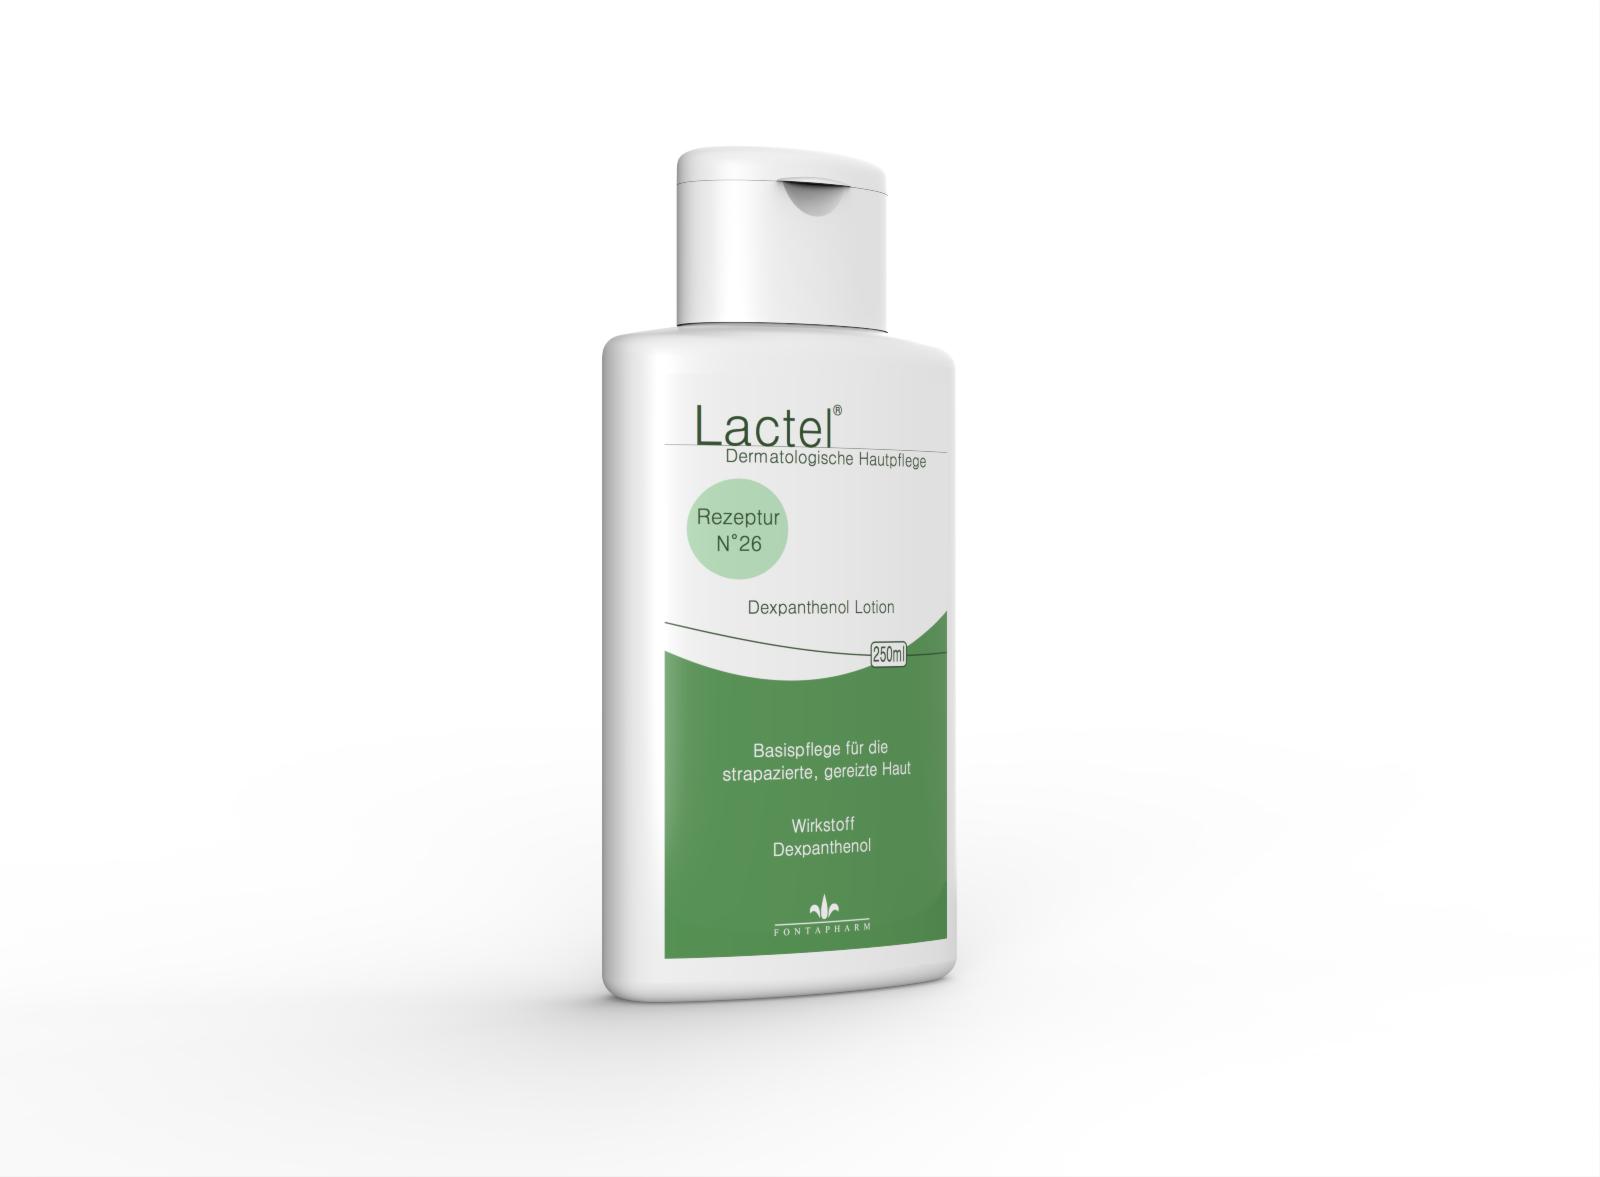 Lactel N° 26, die Körperlotion für die trockene Haut mit 5% Dexpanthenol